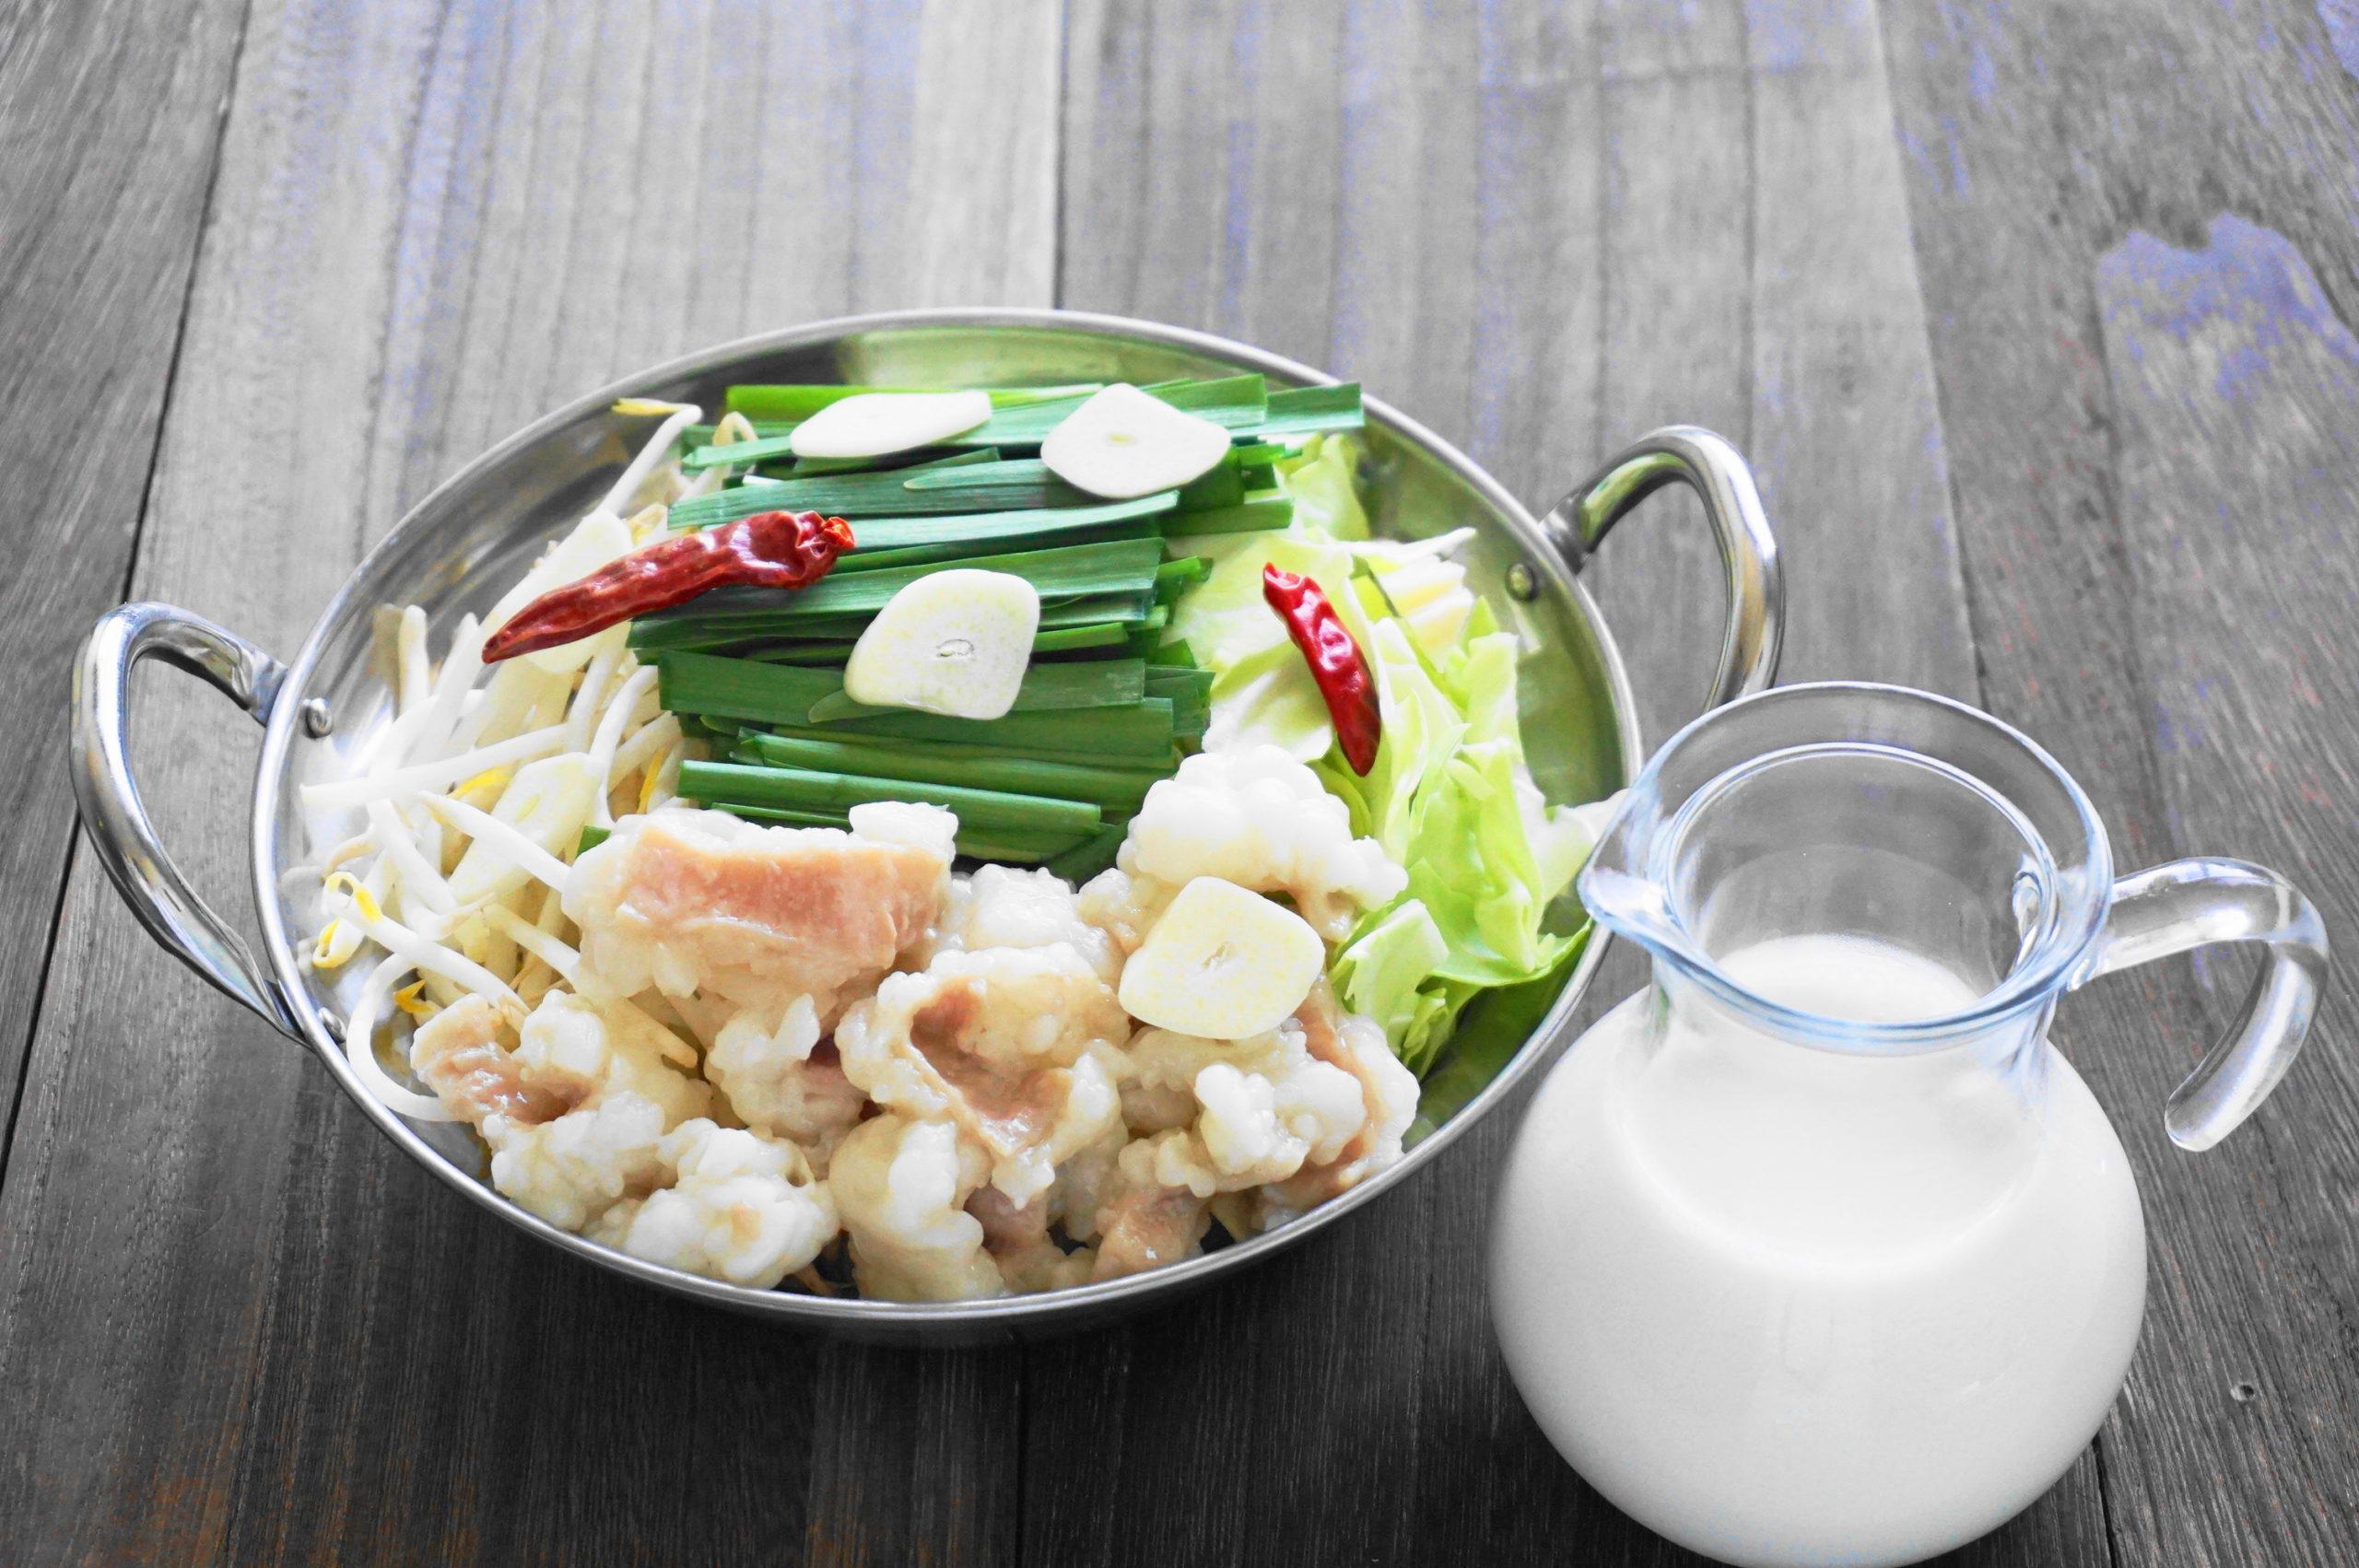 【濃いアーモンドミルクレシピ】アーモンドミルクもつ鍋